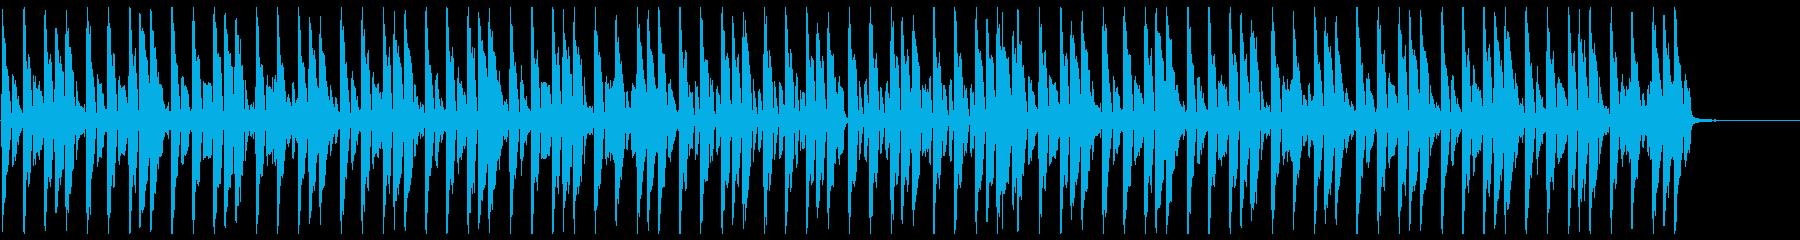 リコーダーアンサンブルによる可愛いマーチの再生済みの波形